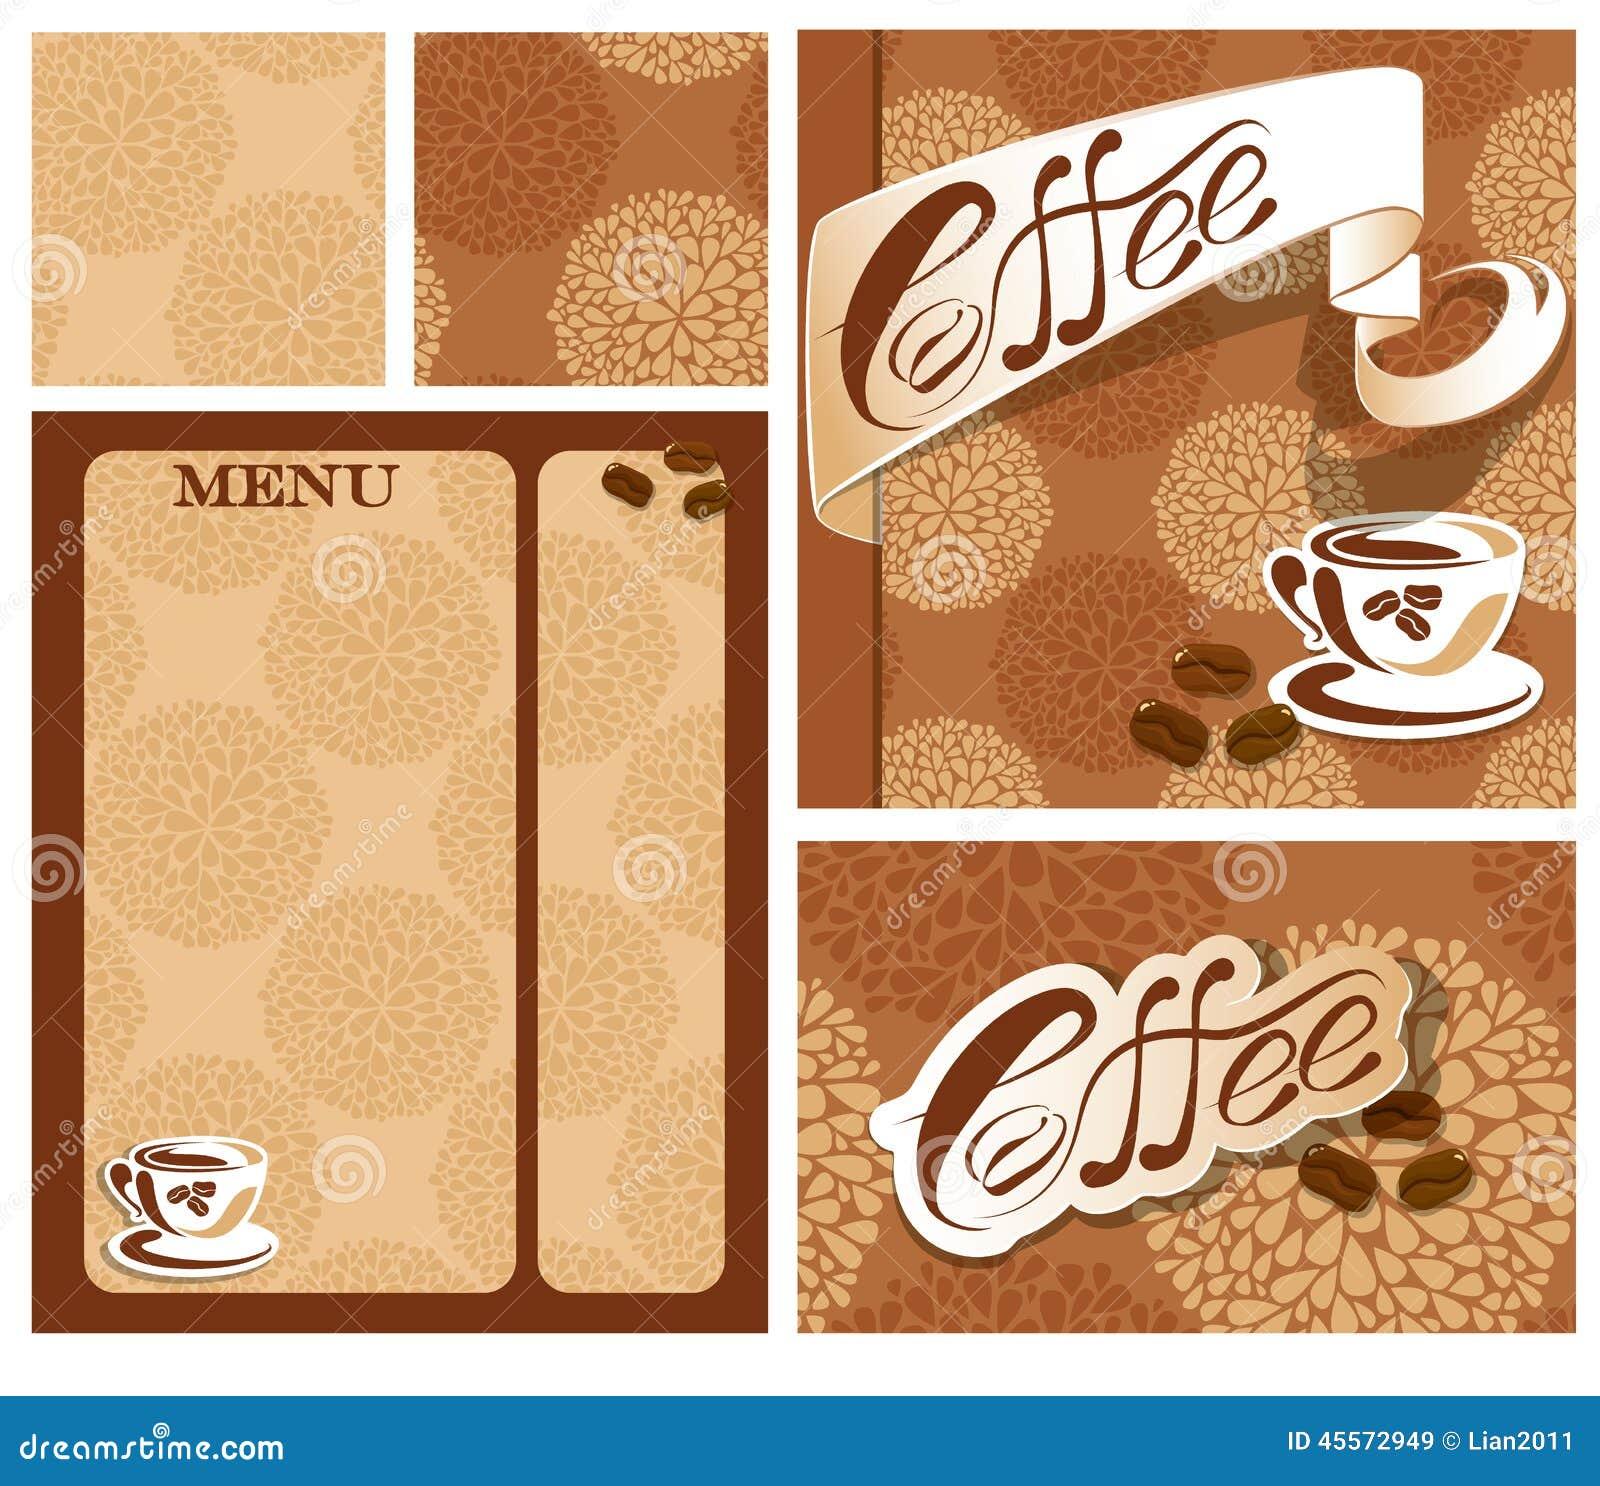 Dise os de la plantilla de tarjeta del men y de visita for Disenos para cafeterias